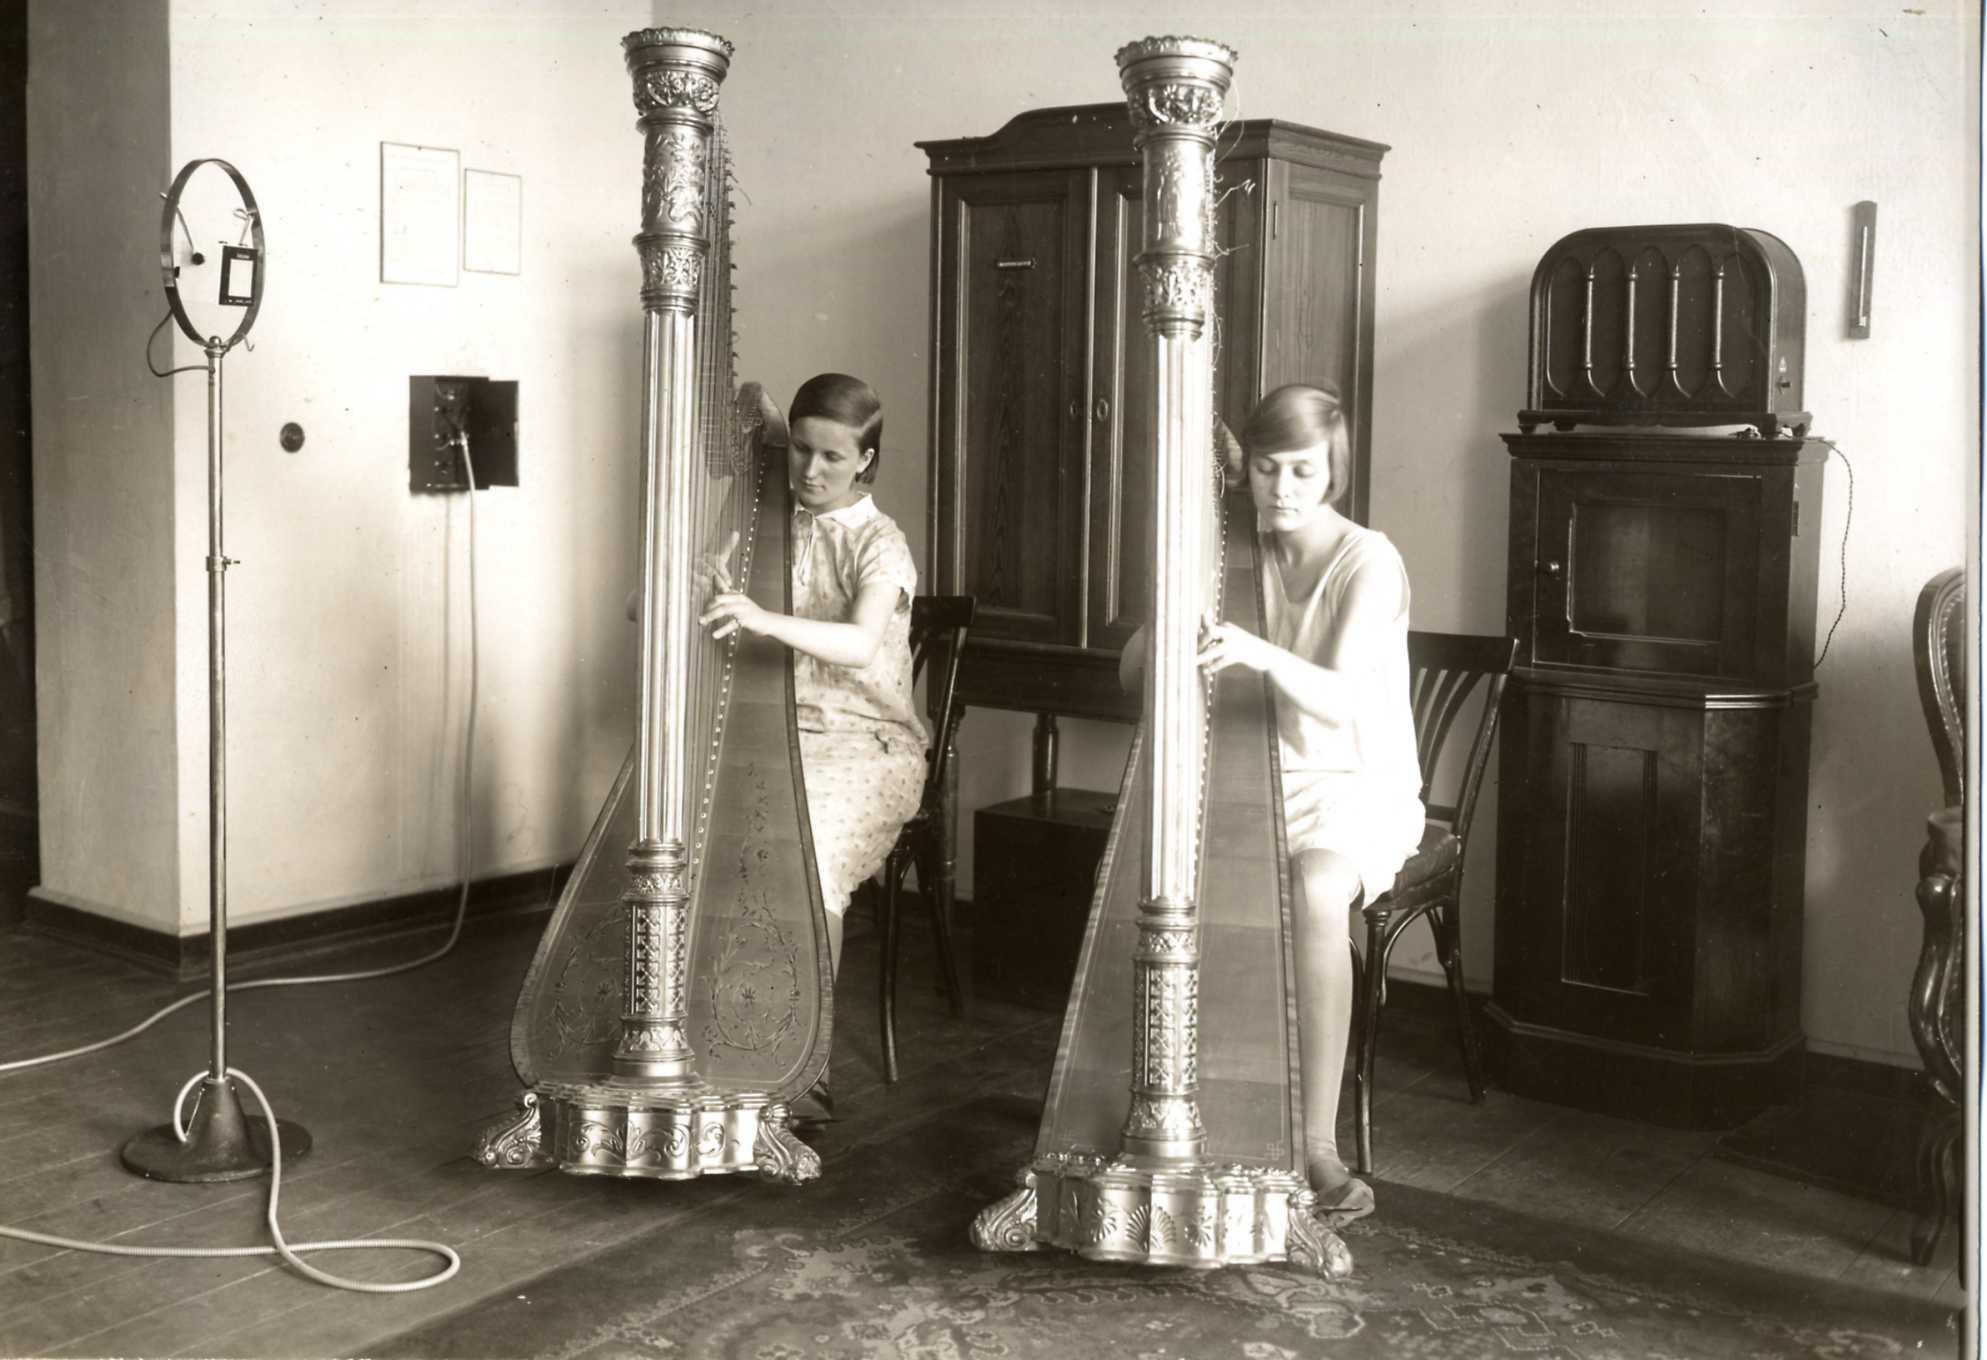 Harfen-Aufnahme um 1930. © Archiv der Universität der Künste